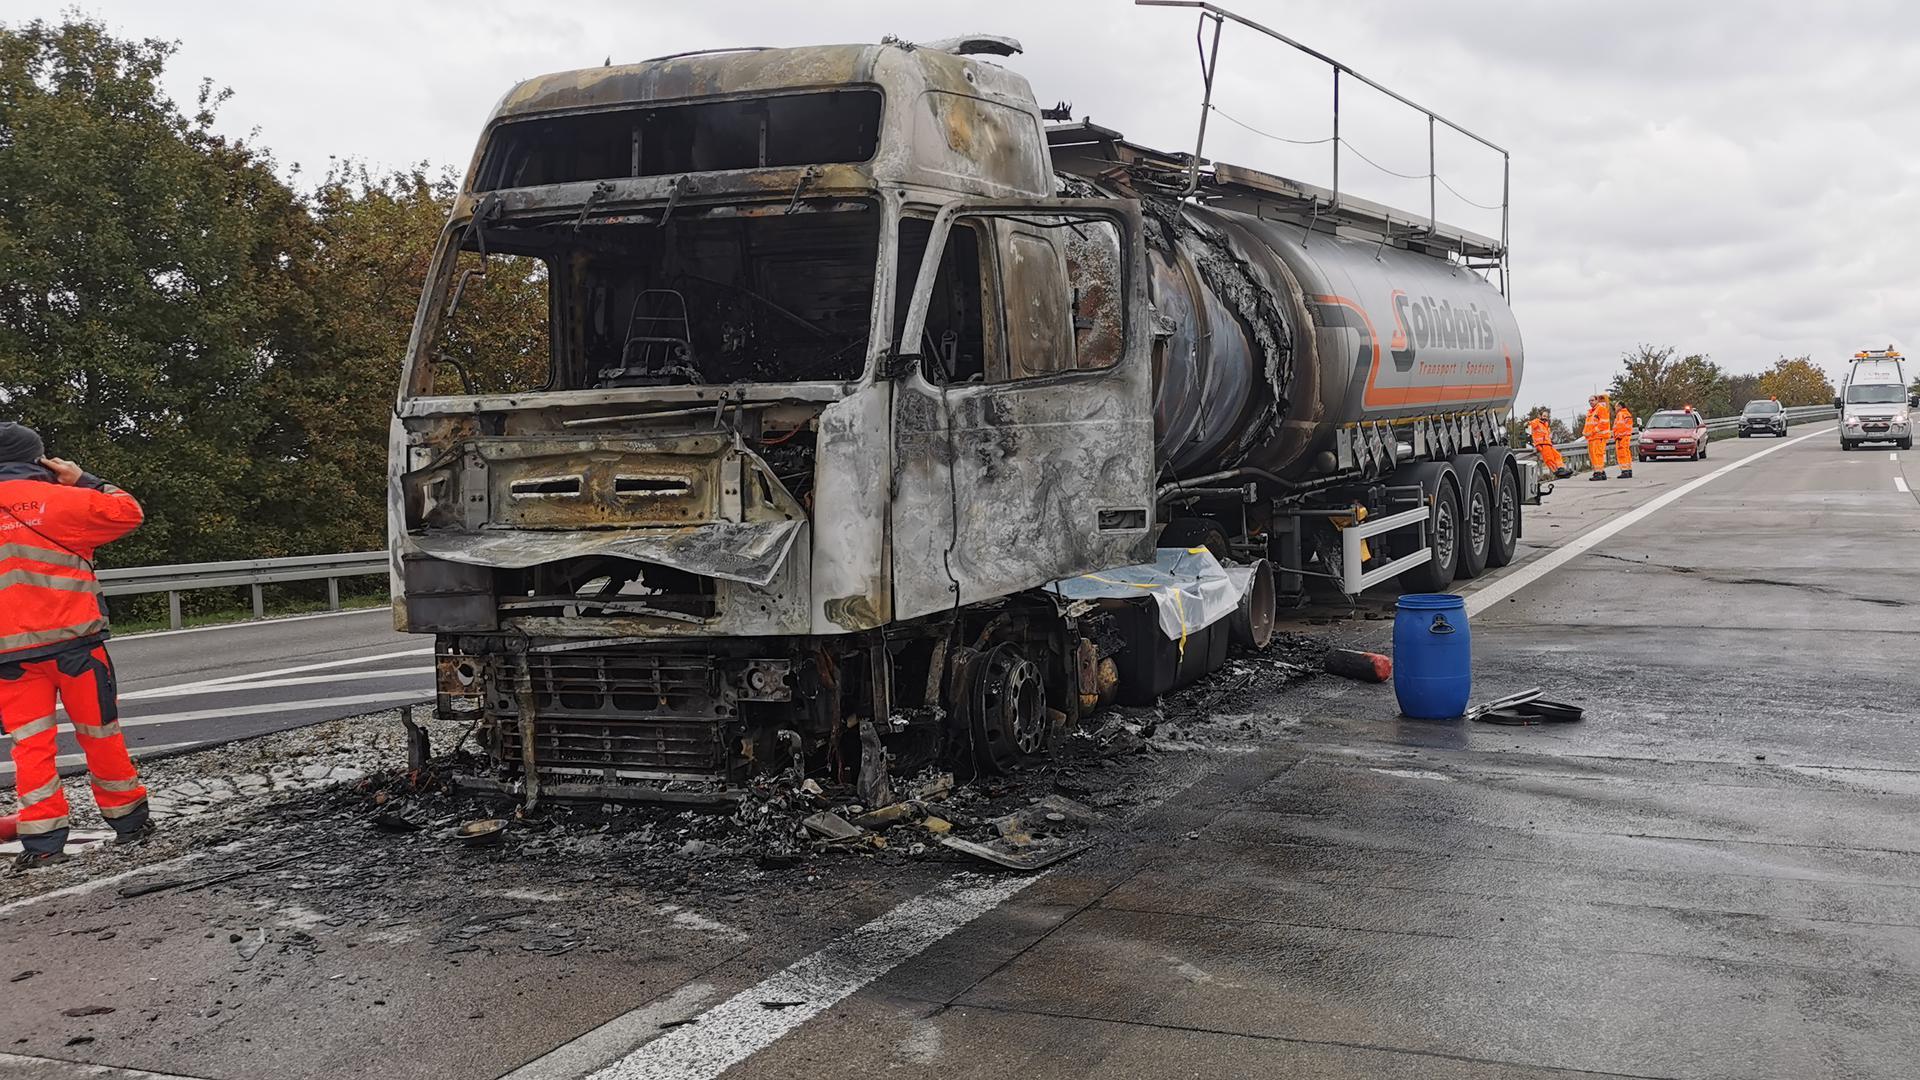 Ausgebrannter Tanklastzug auf der Autobahn